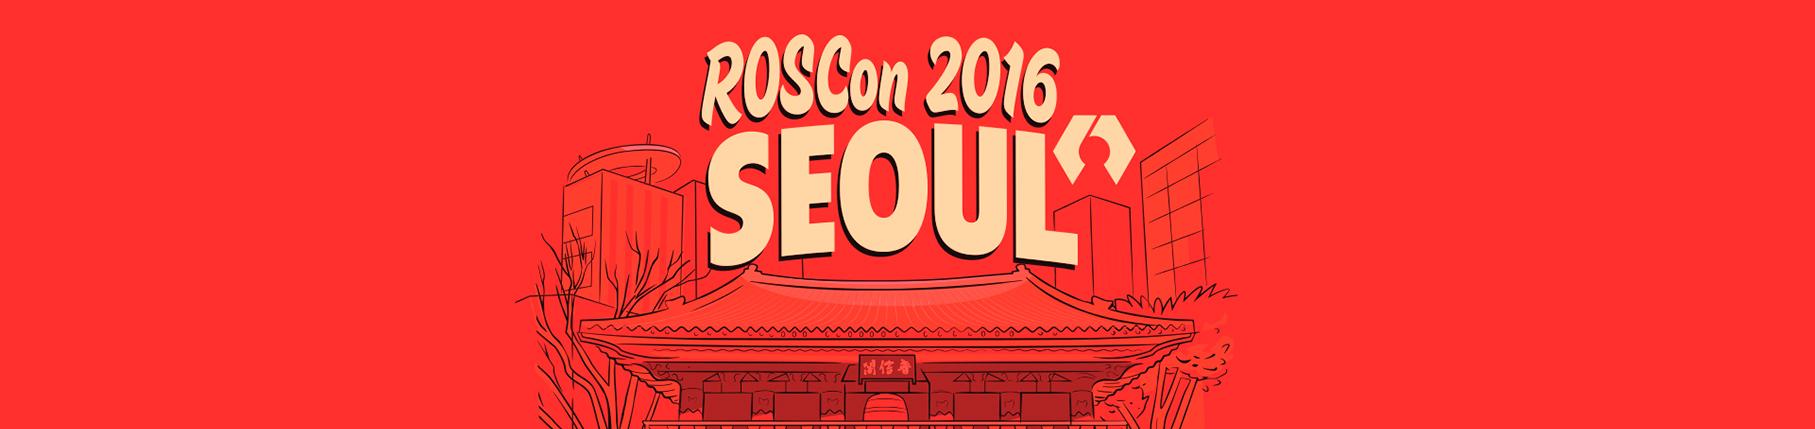 robotnik_roscon-2016